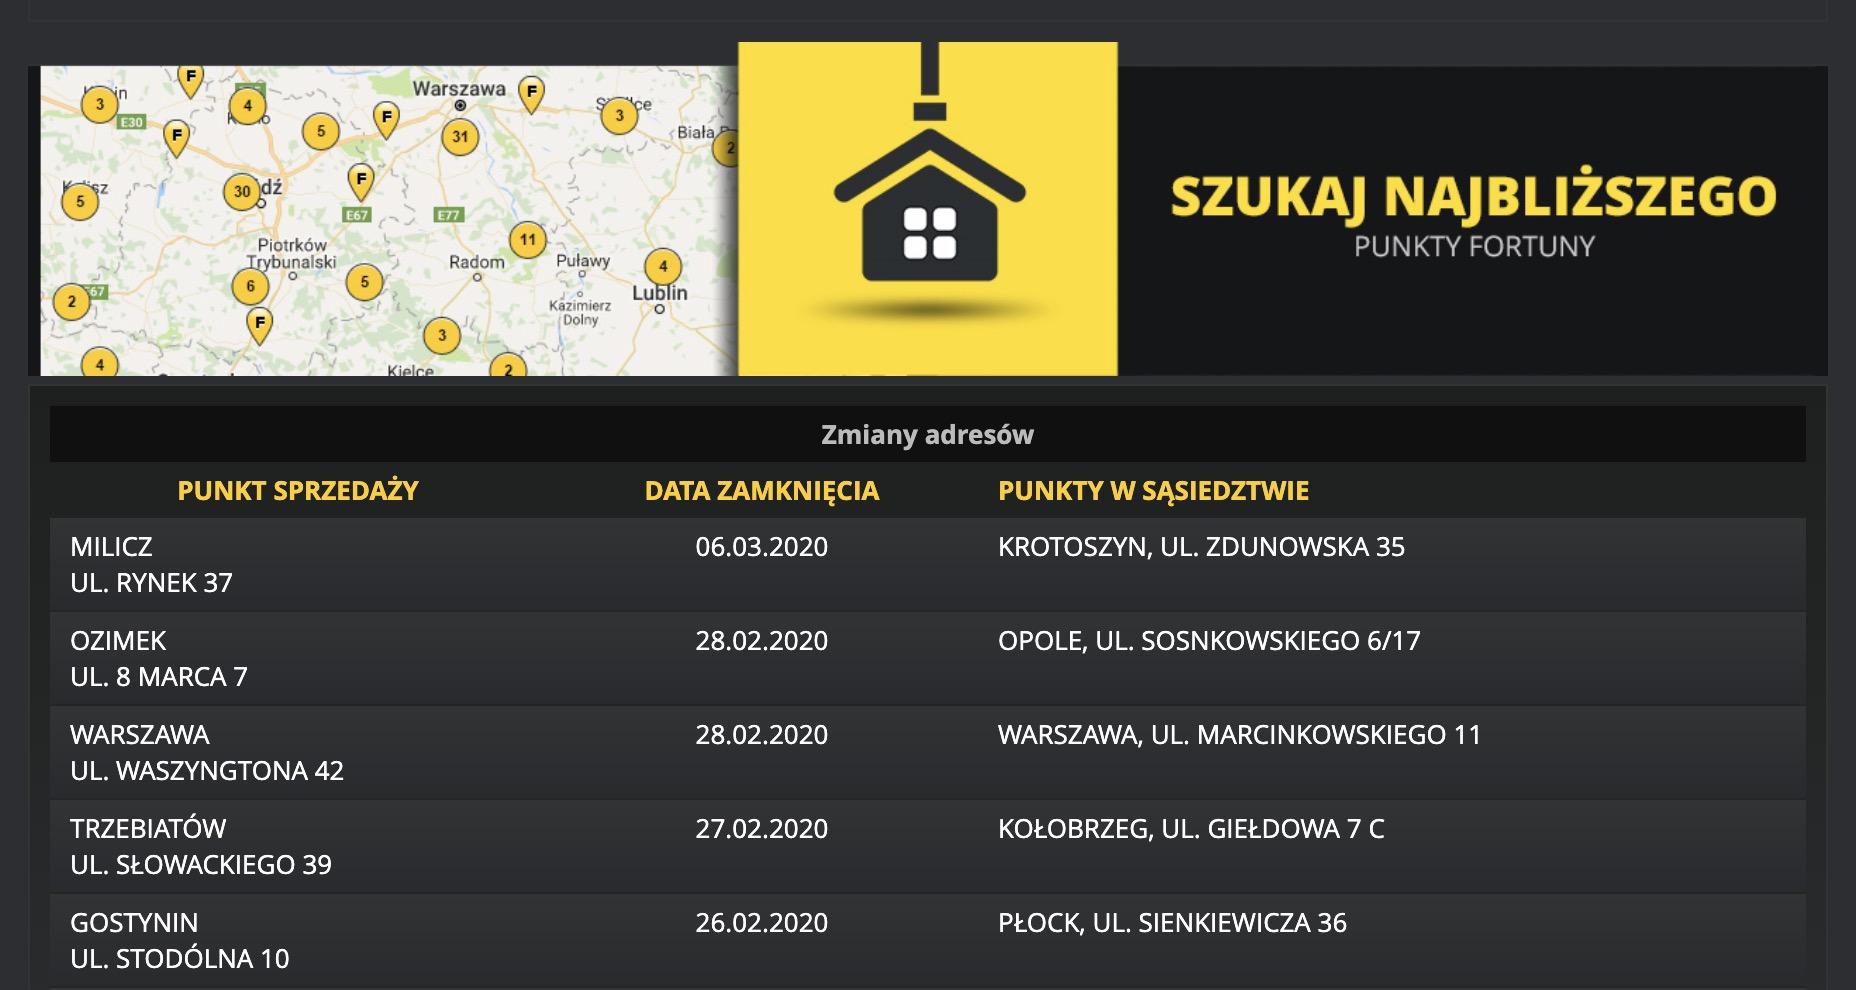 Fortuna punkty w Krakowie